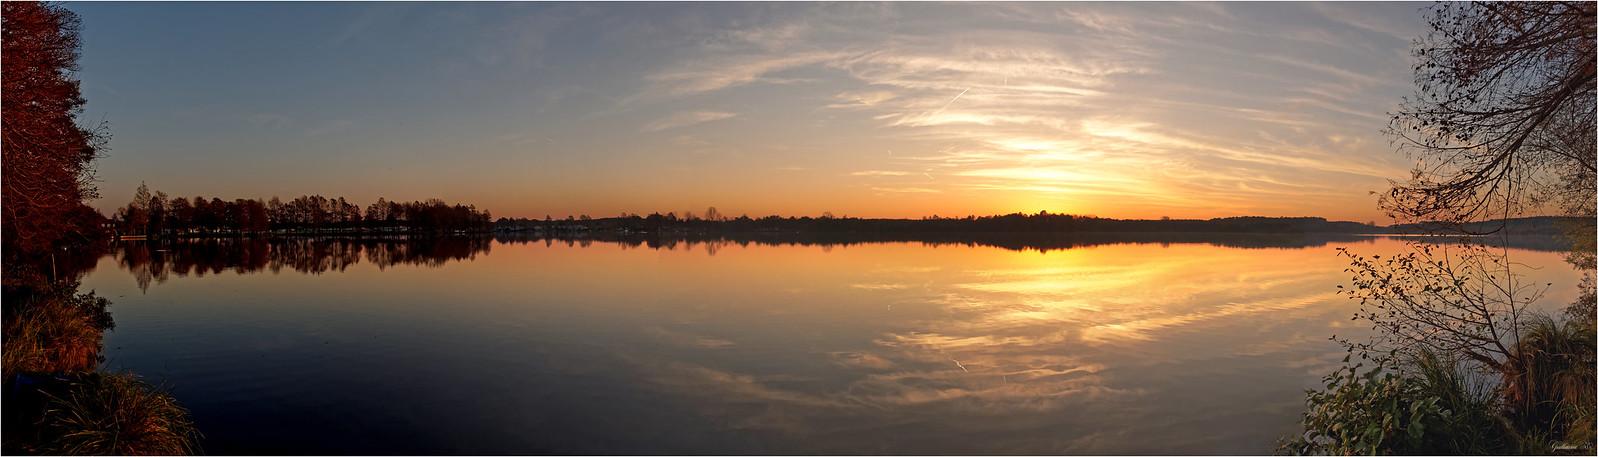 Le lac de Soustons s'illumine 24419863516_f51d8976ac_h